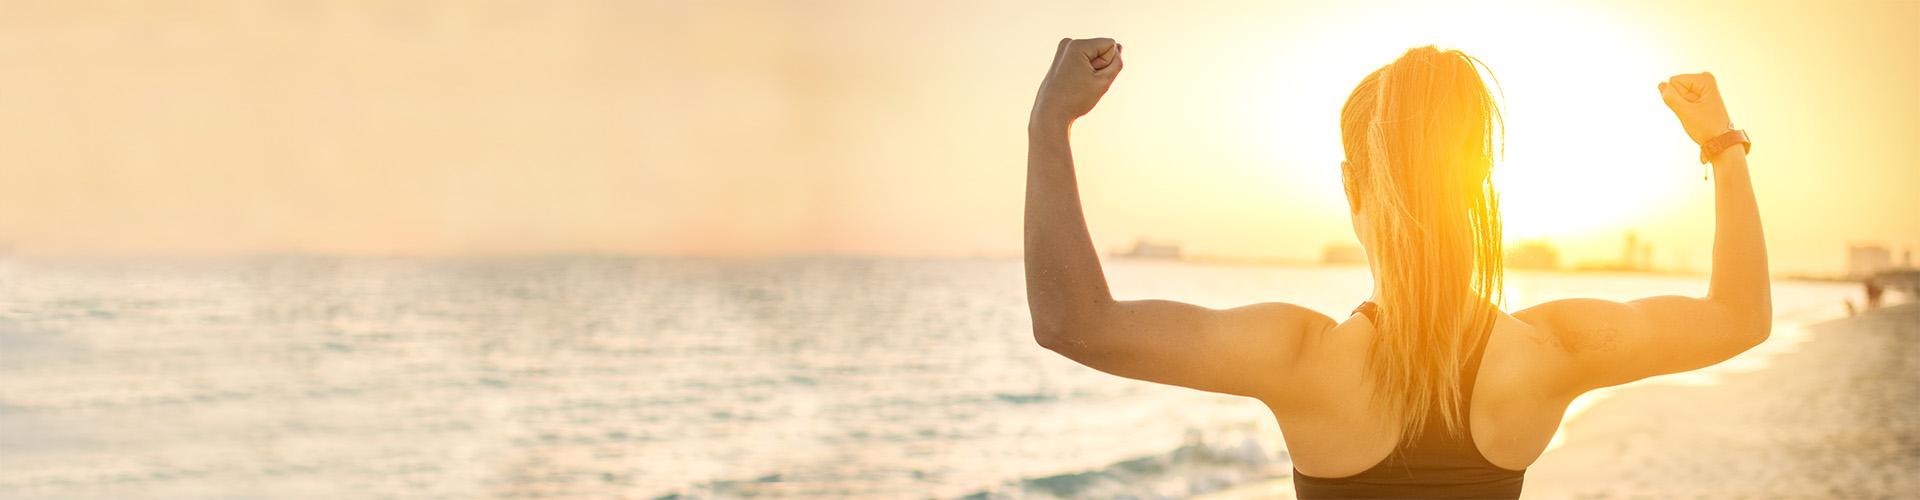 STIWELL Neurorehabilitation | Informationen zu Muskuläre Dysbalance